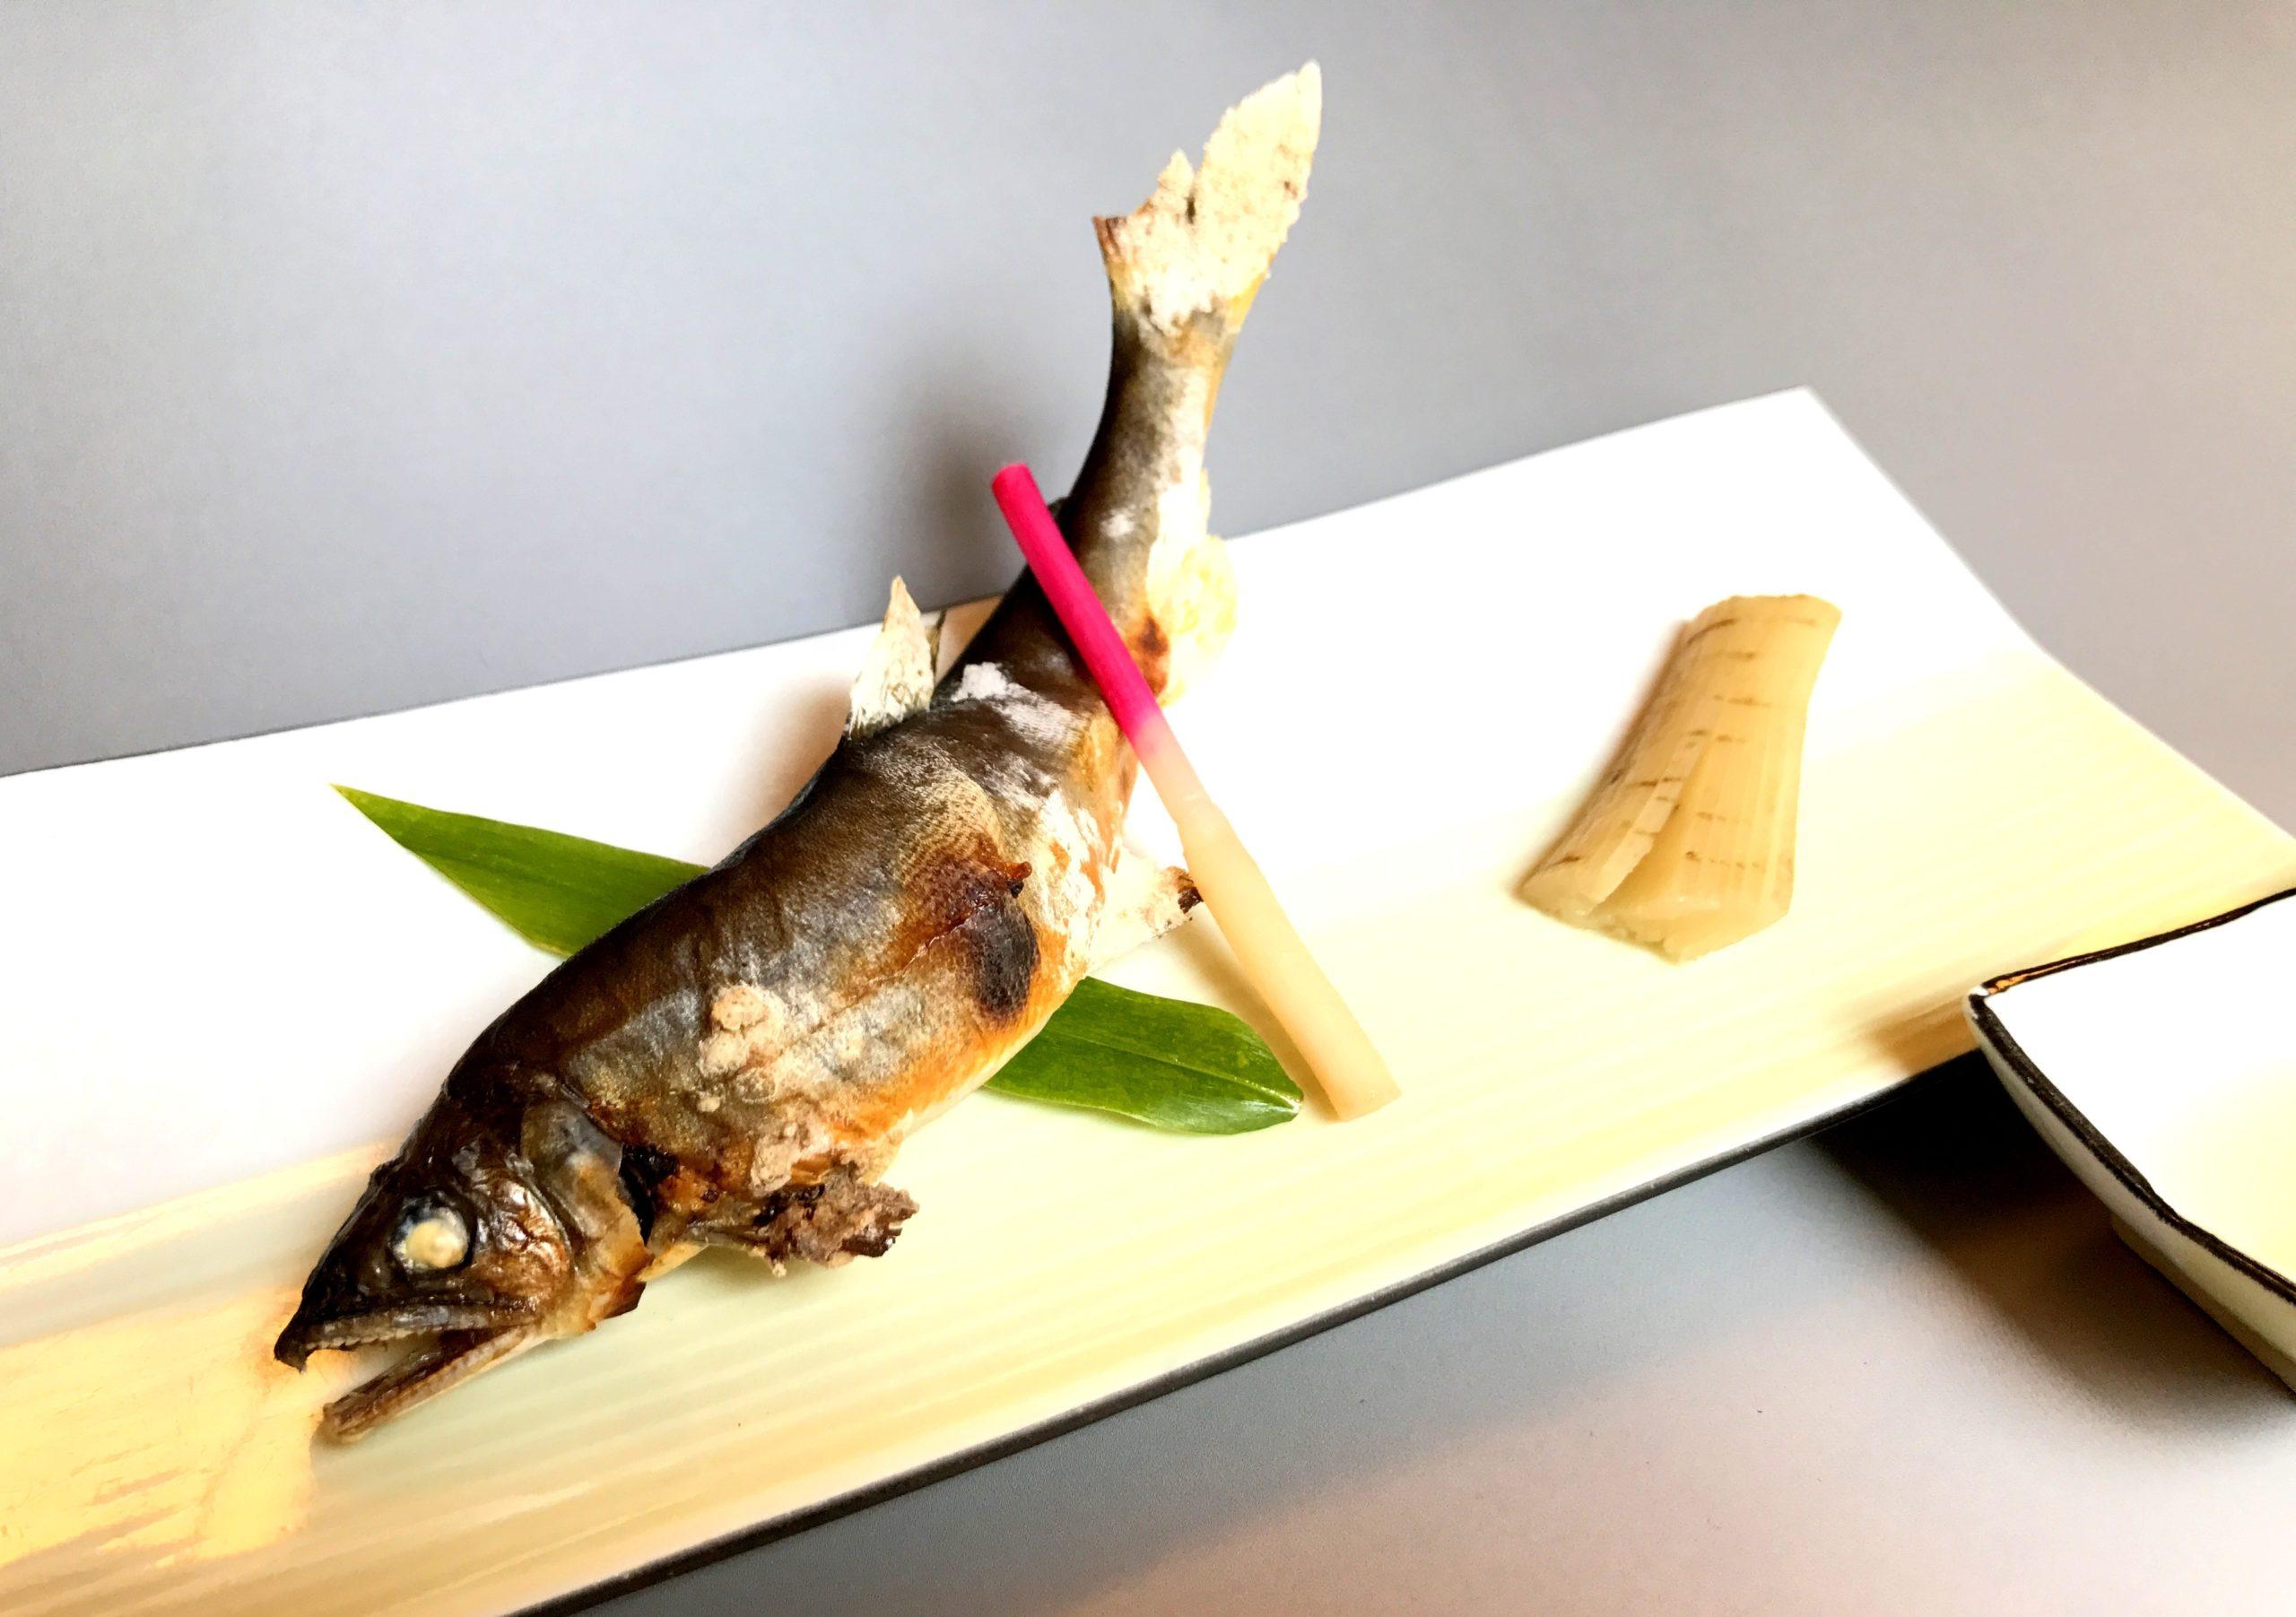 【「さきめし/ごちめし」人気店を紹介!】祝いの席を彩る絶品和食で愛媛食材の旨さを満喫